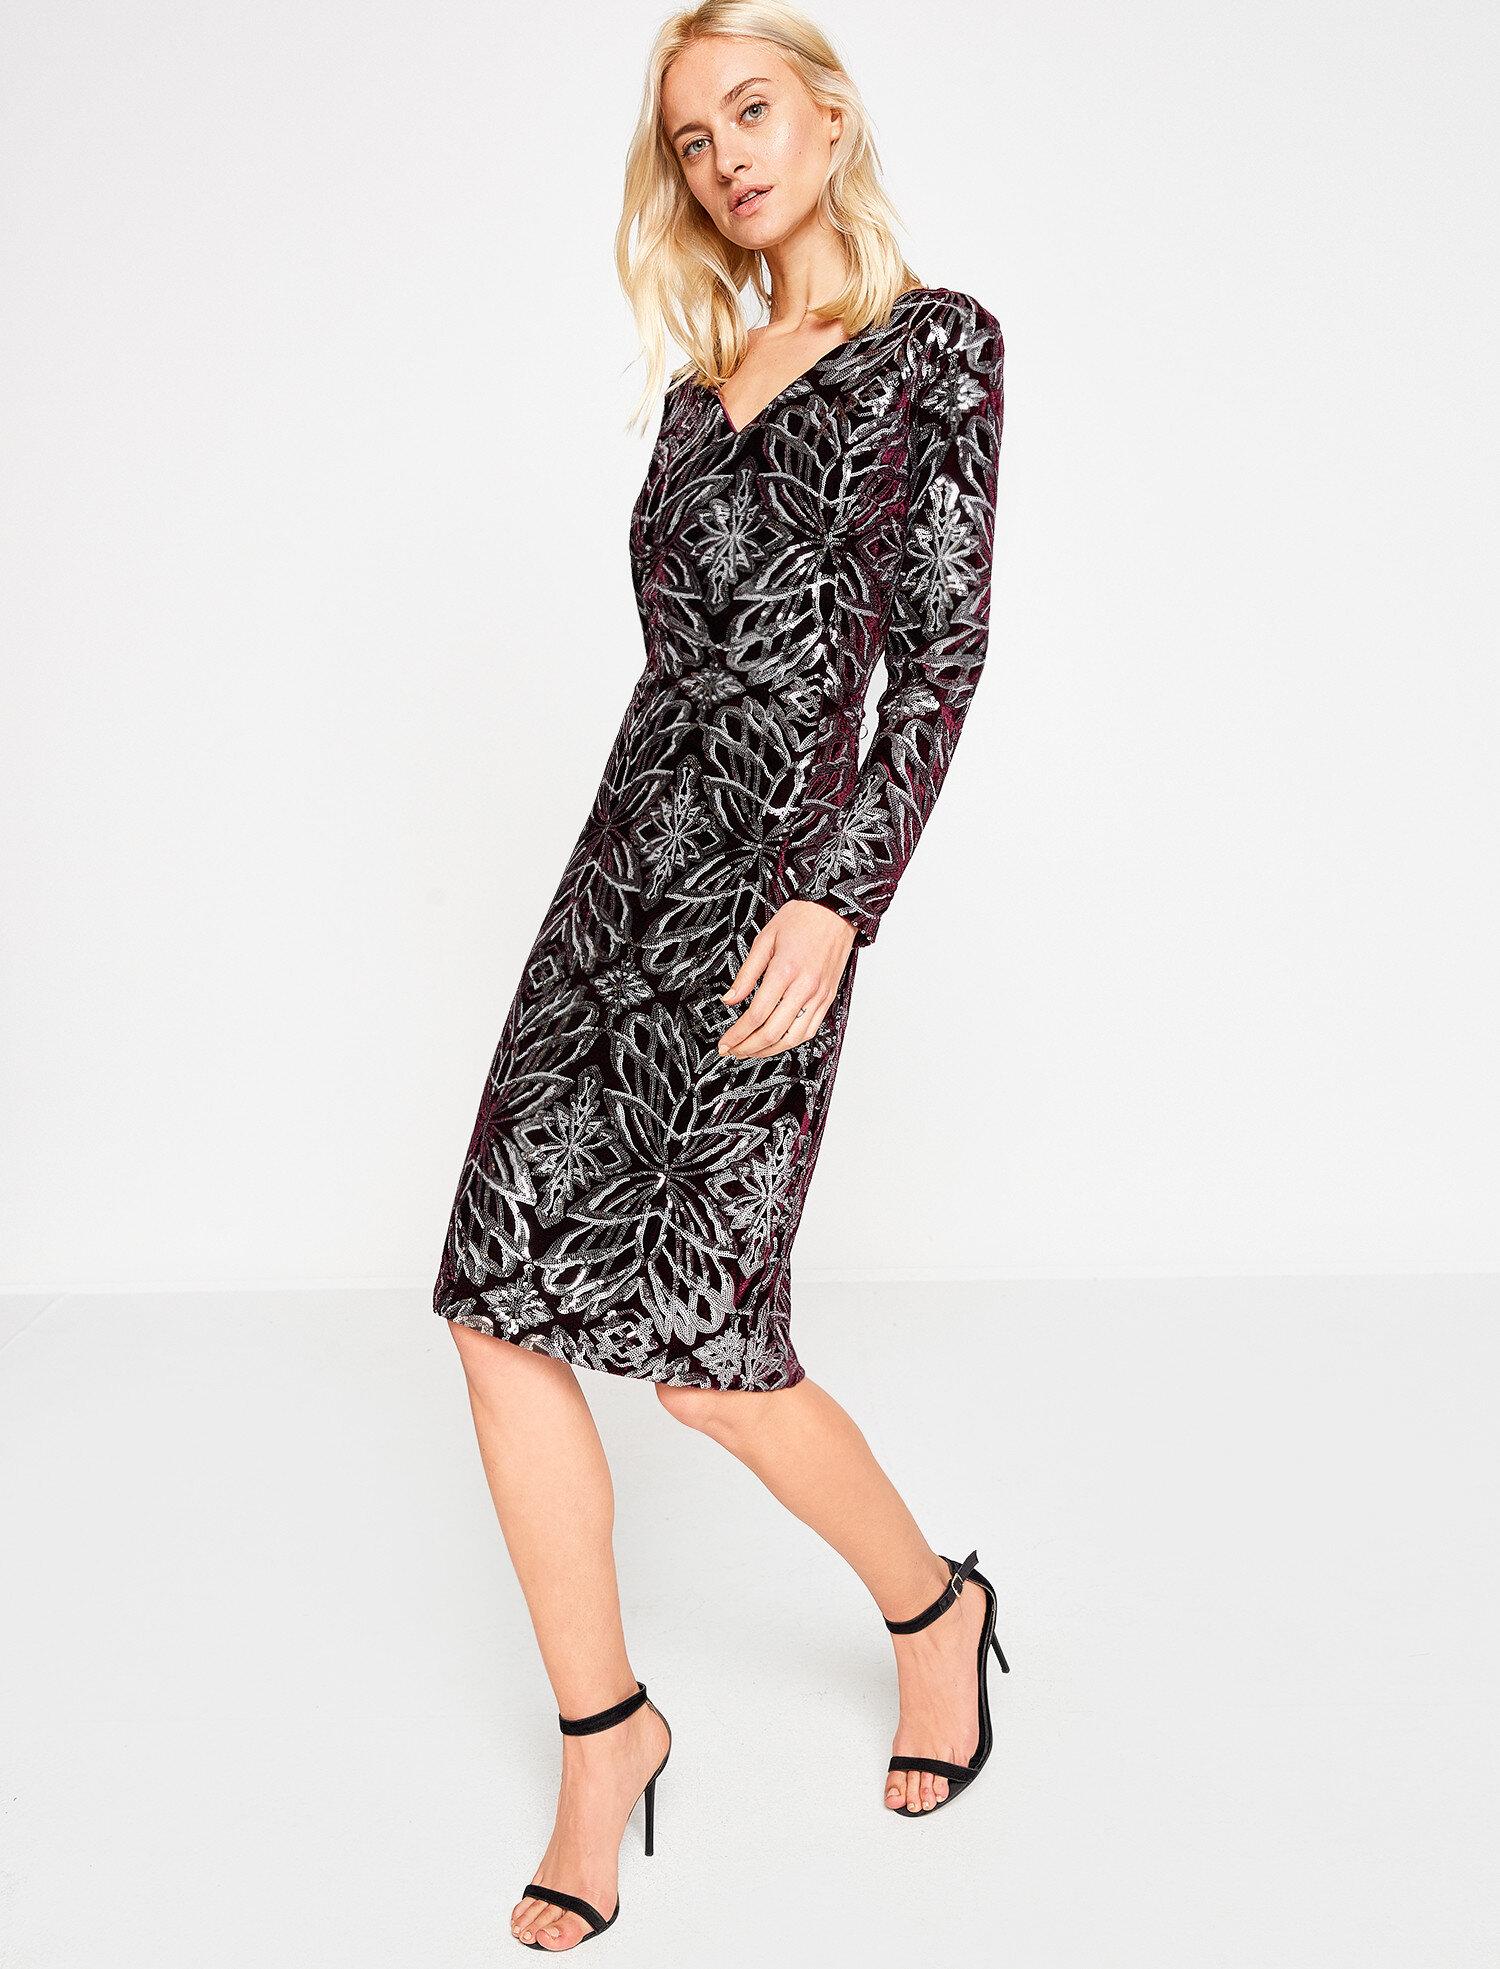 Koton Kadın Dilek Hanif For Koton Elbise Pembe Ürün Resmi